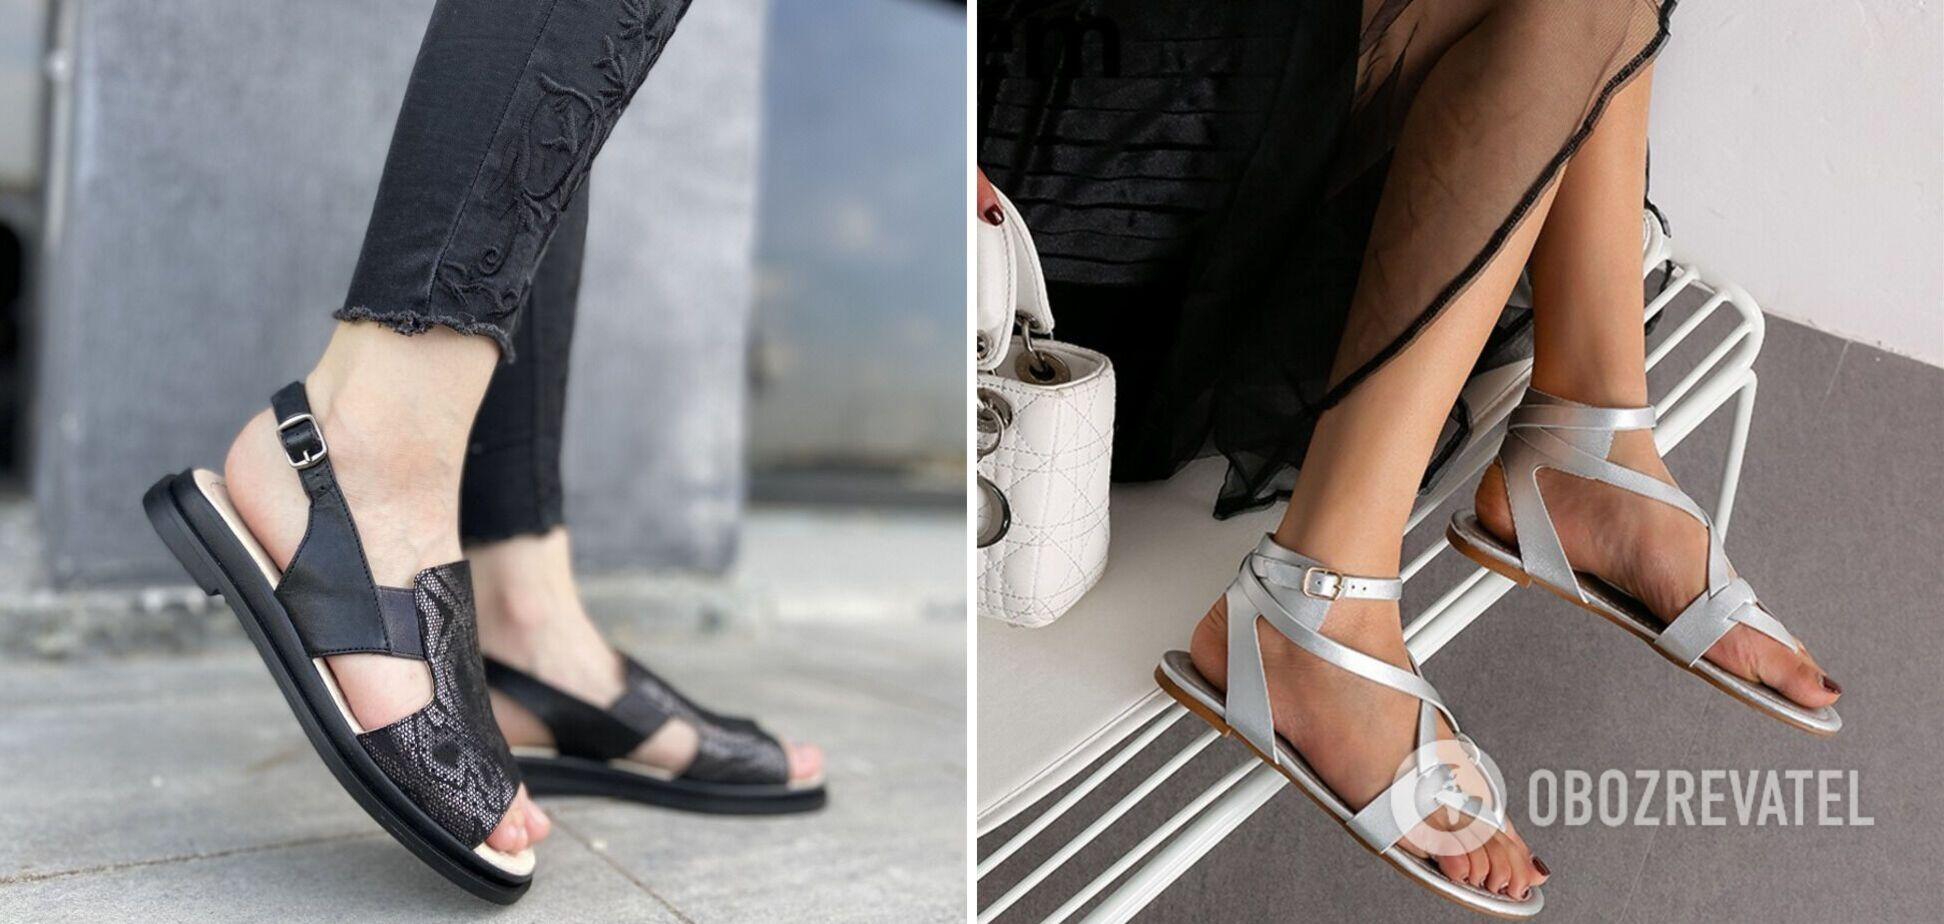 'Джутовые' сандалии и массивные босоножки будут в моде летом 2021